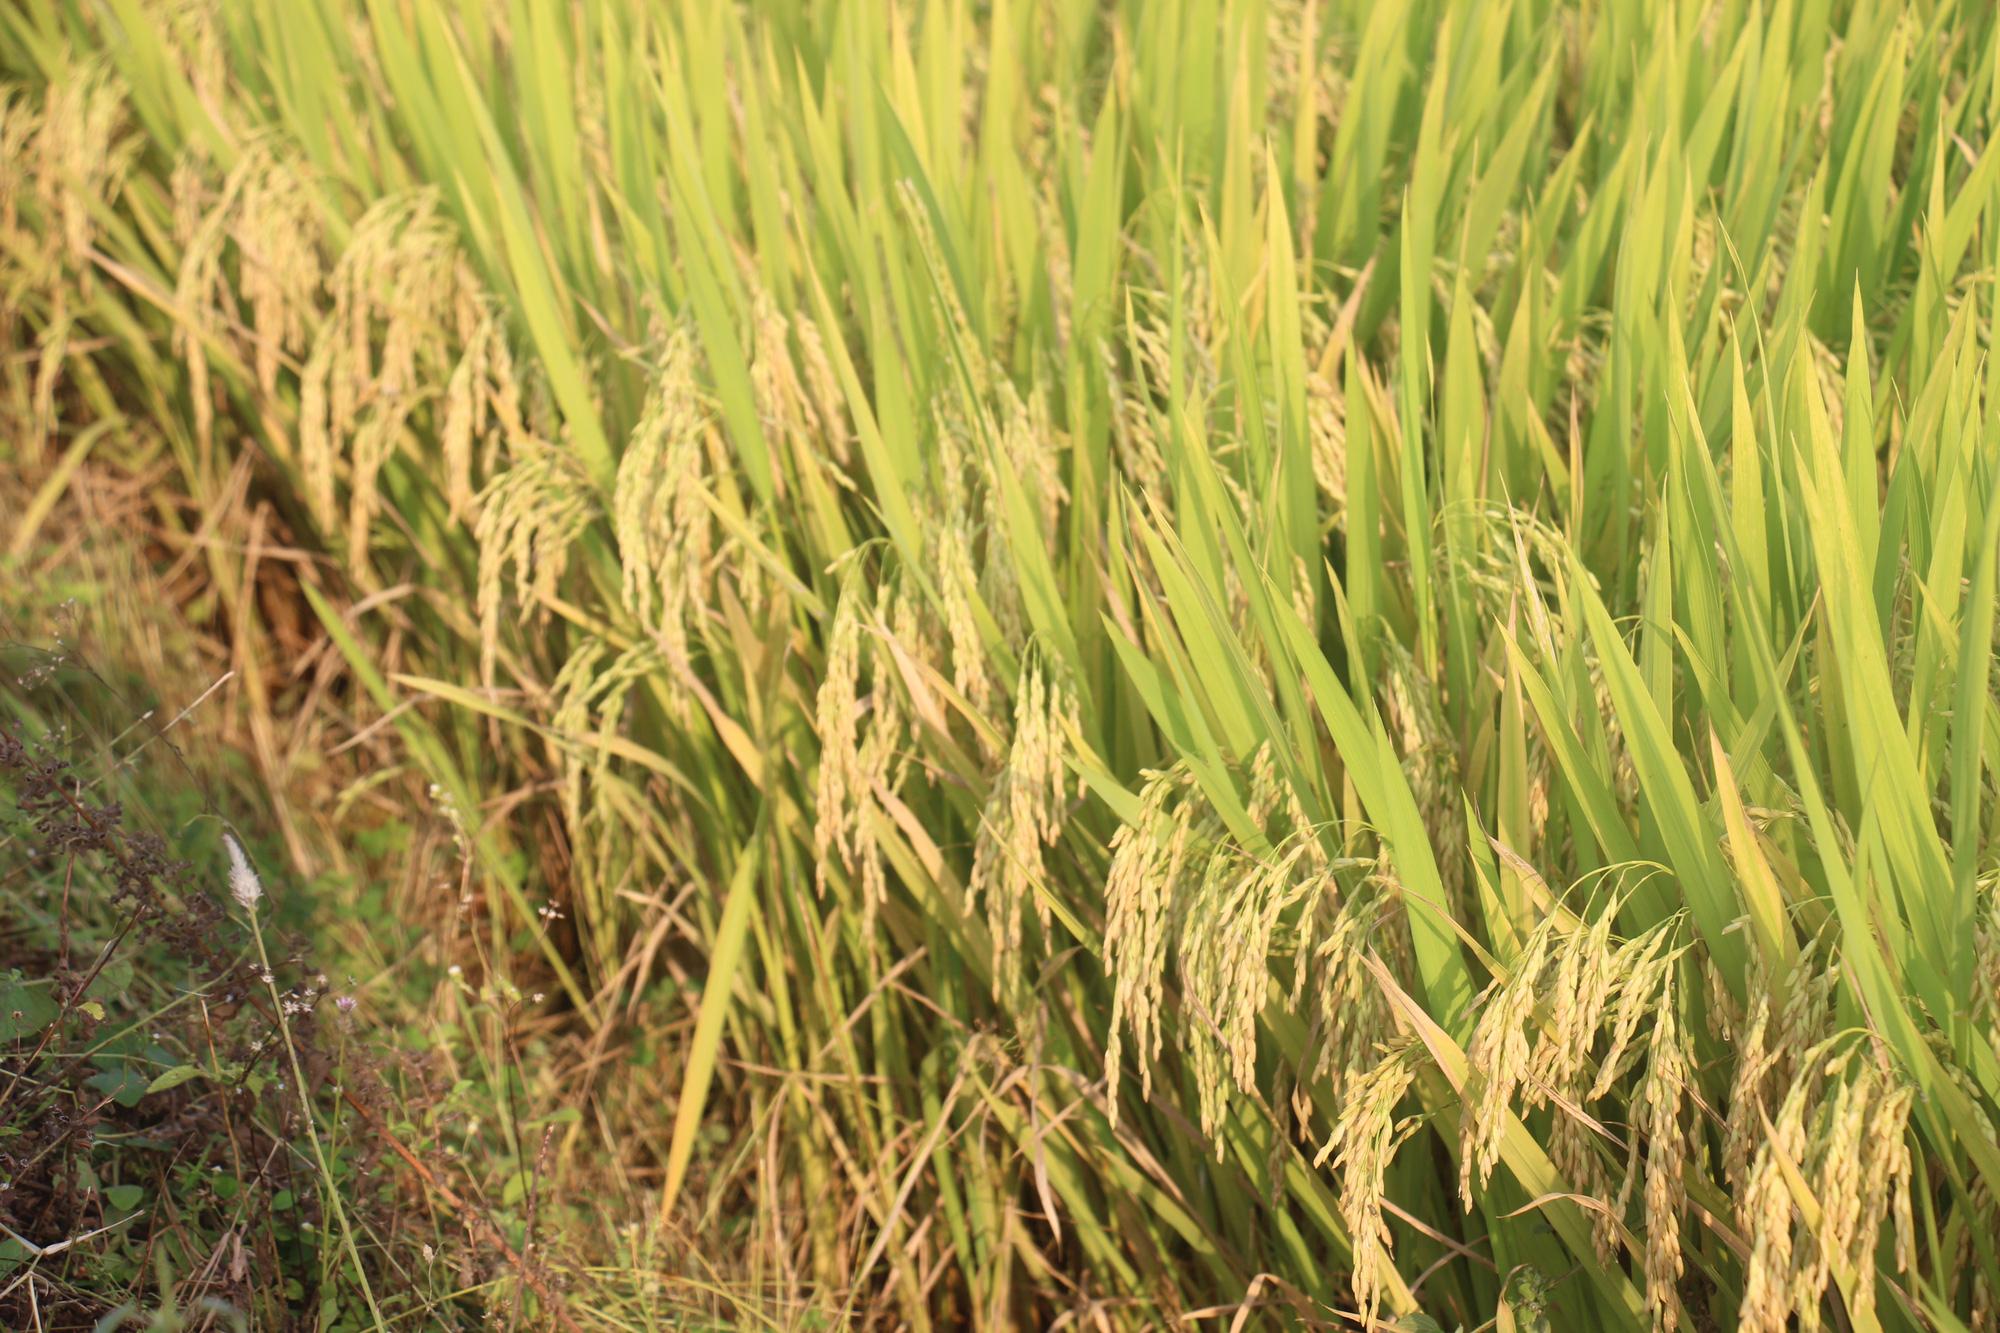 Ngỡ ngàng loạt giống lúa siêu năng suất, chống chịu sâu bệnh trên cánh đồng Bình Định, có giống đạt đến 90 tạ/ha  - Ảnh 3.